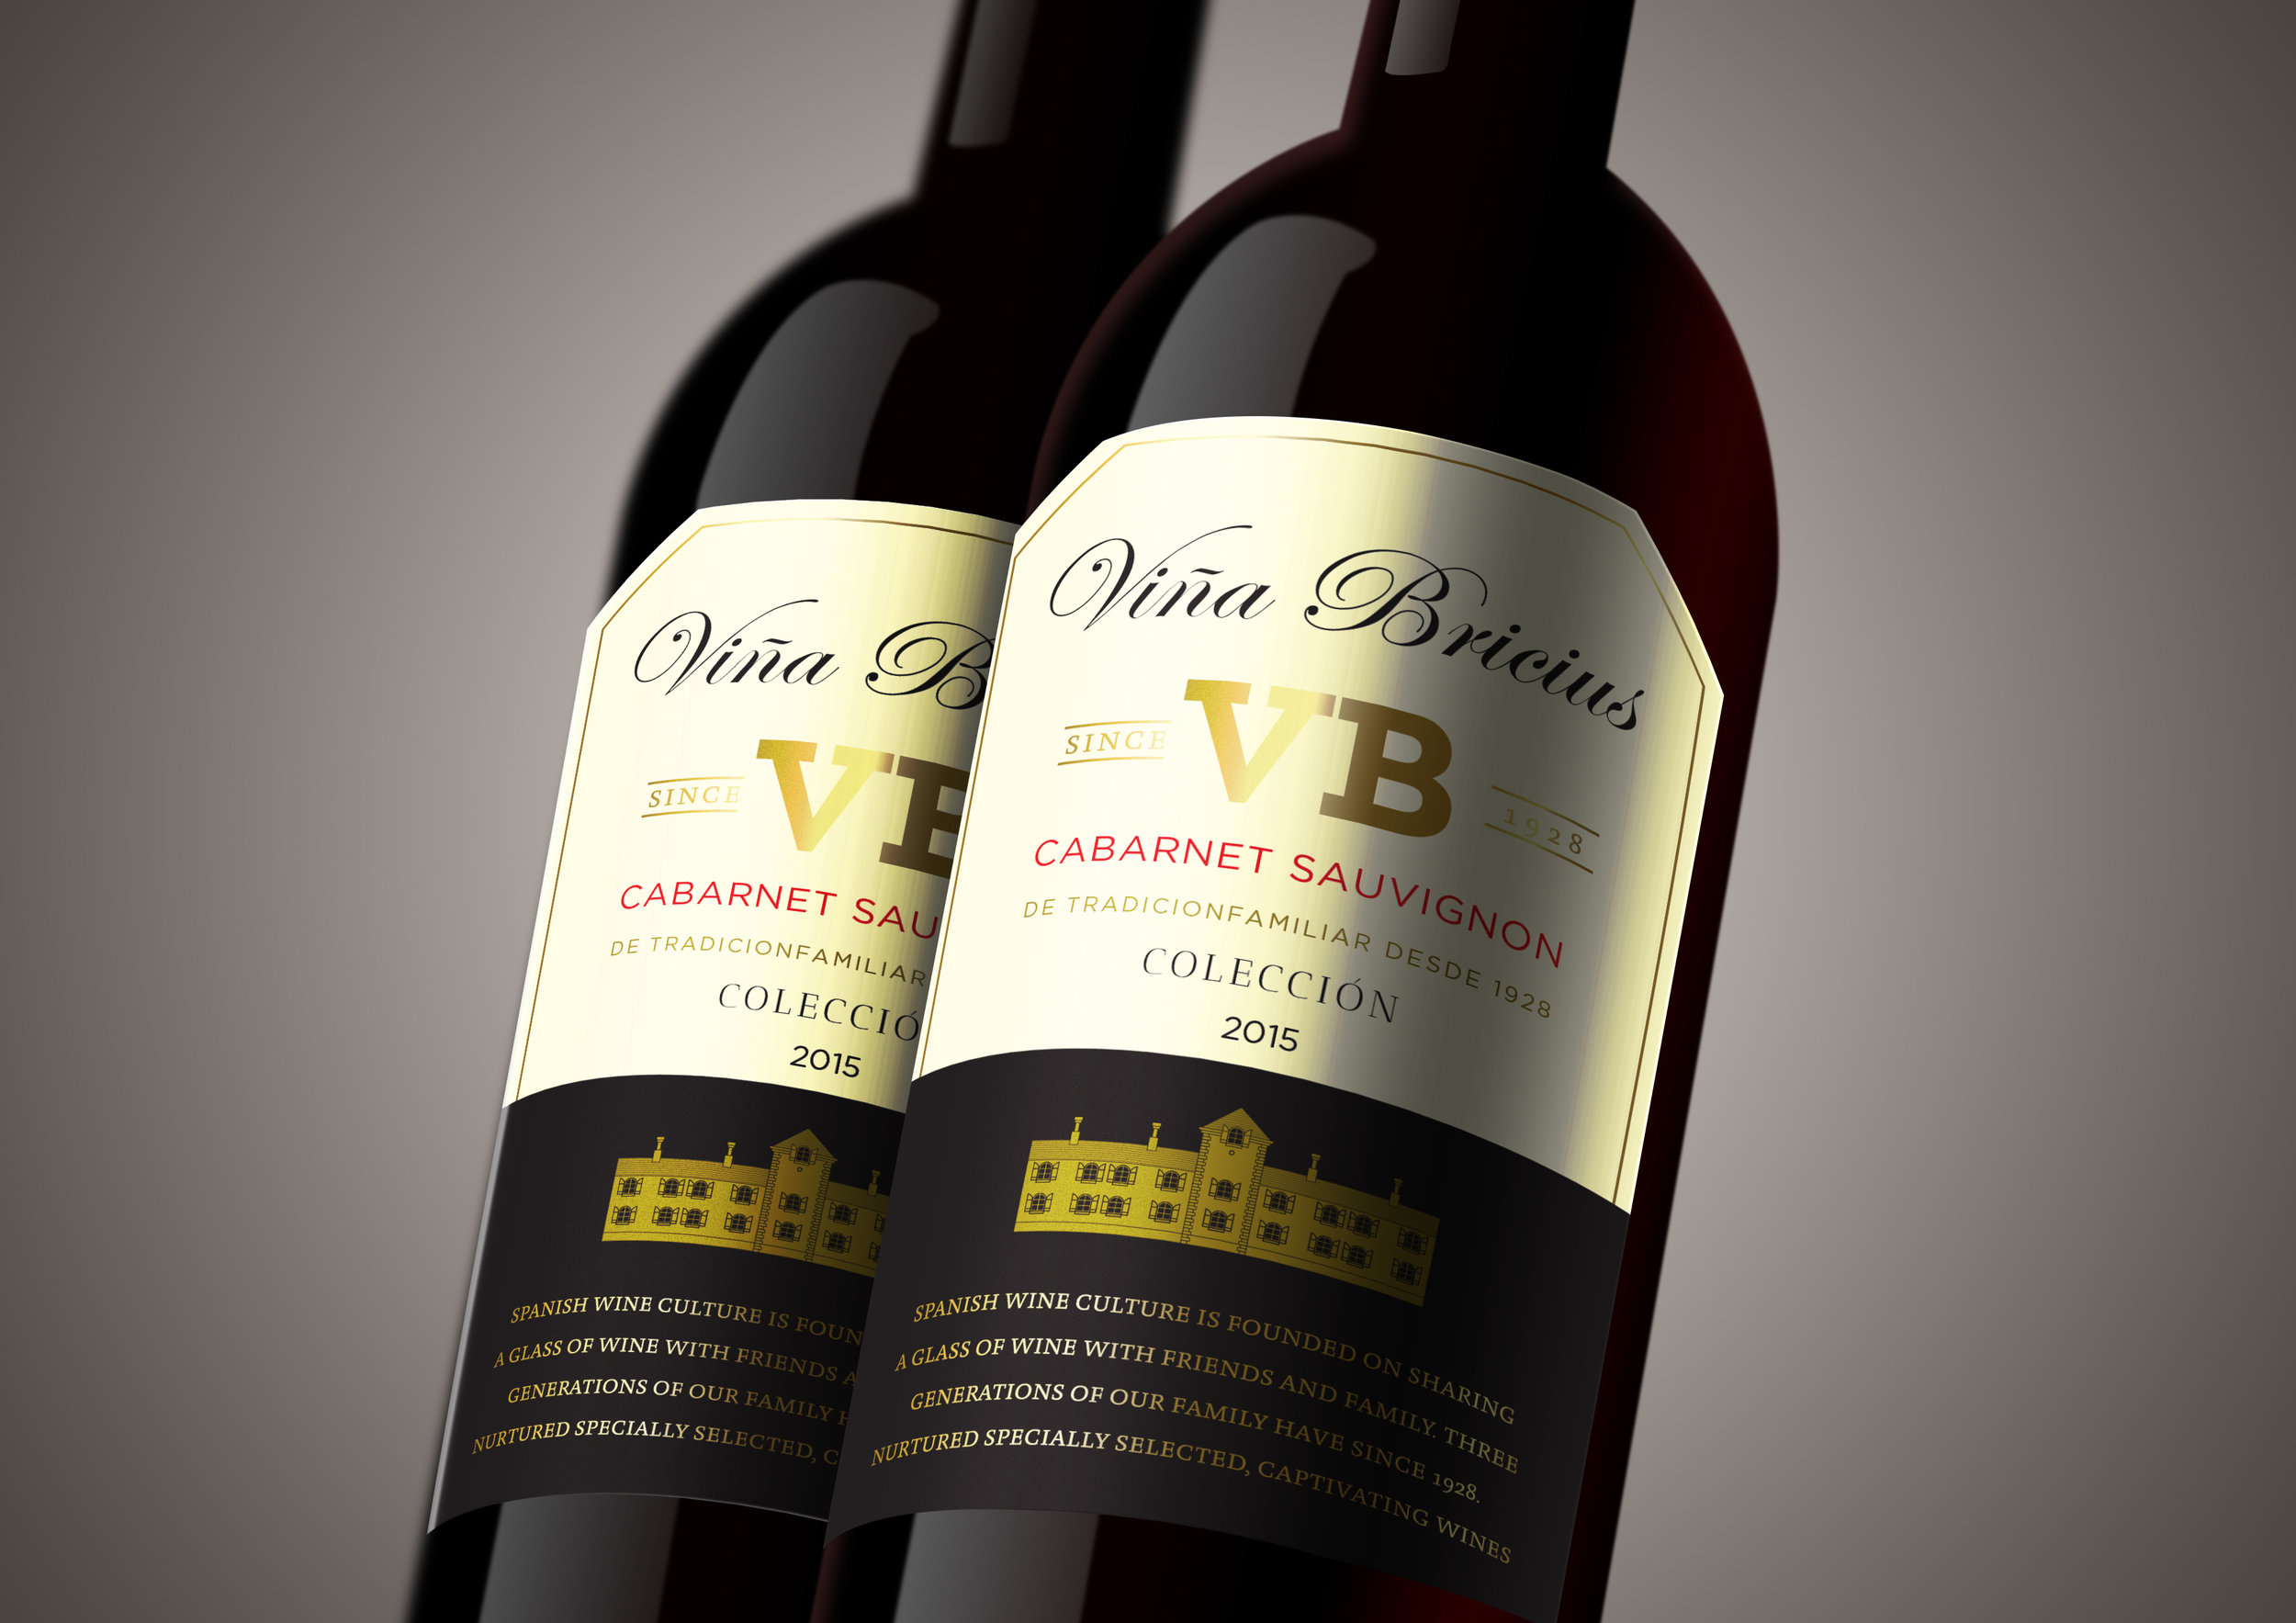 Vina Bricius 2 bottle shot.jpg